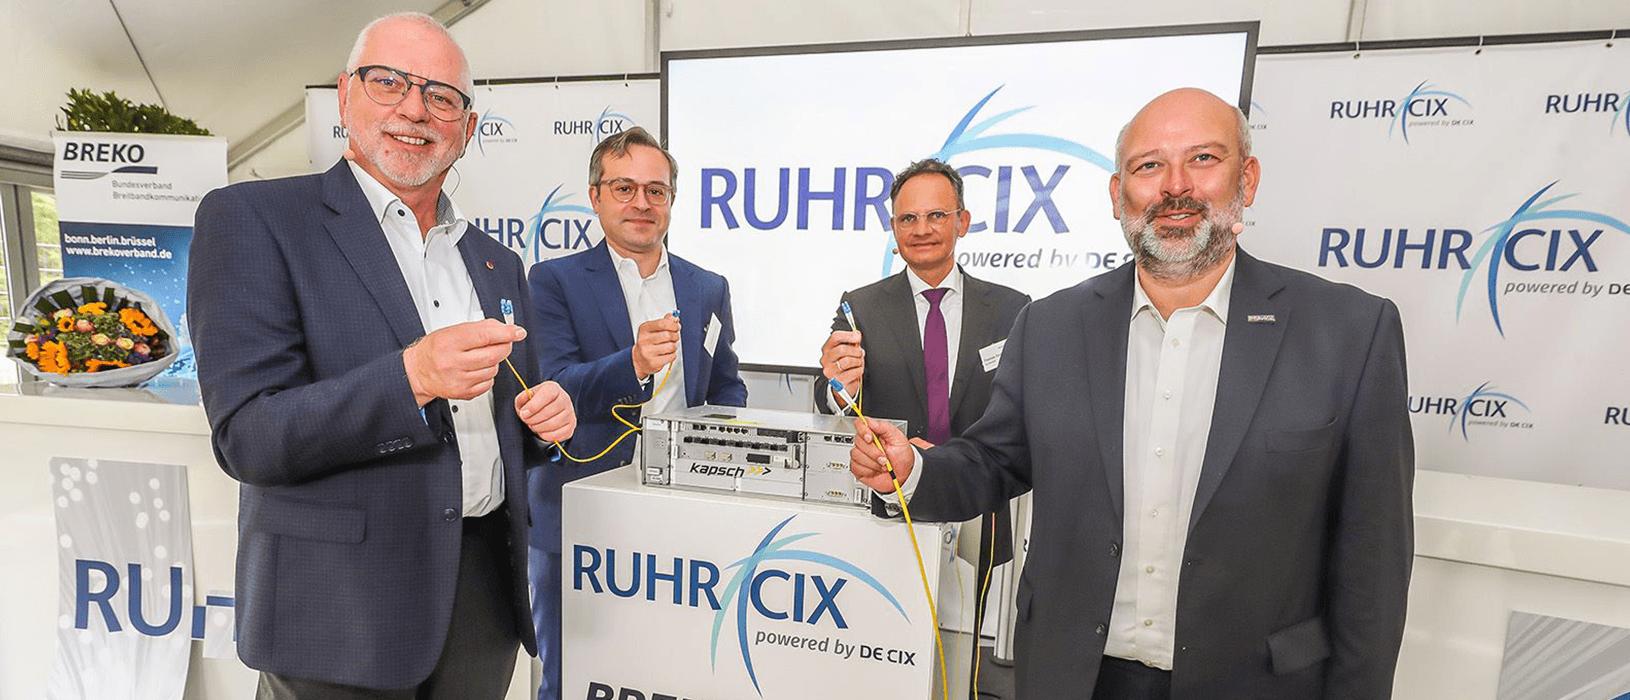 Startschuss für den Ruhr-CIX: Der Netzknoten soll auch das Wirtschaftswachstum im Ruhrgebiet beschleunigen und für KMU neue Möglichkeiten bieten. Foto: DOKOM21